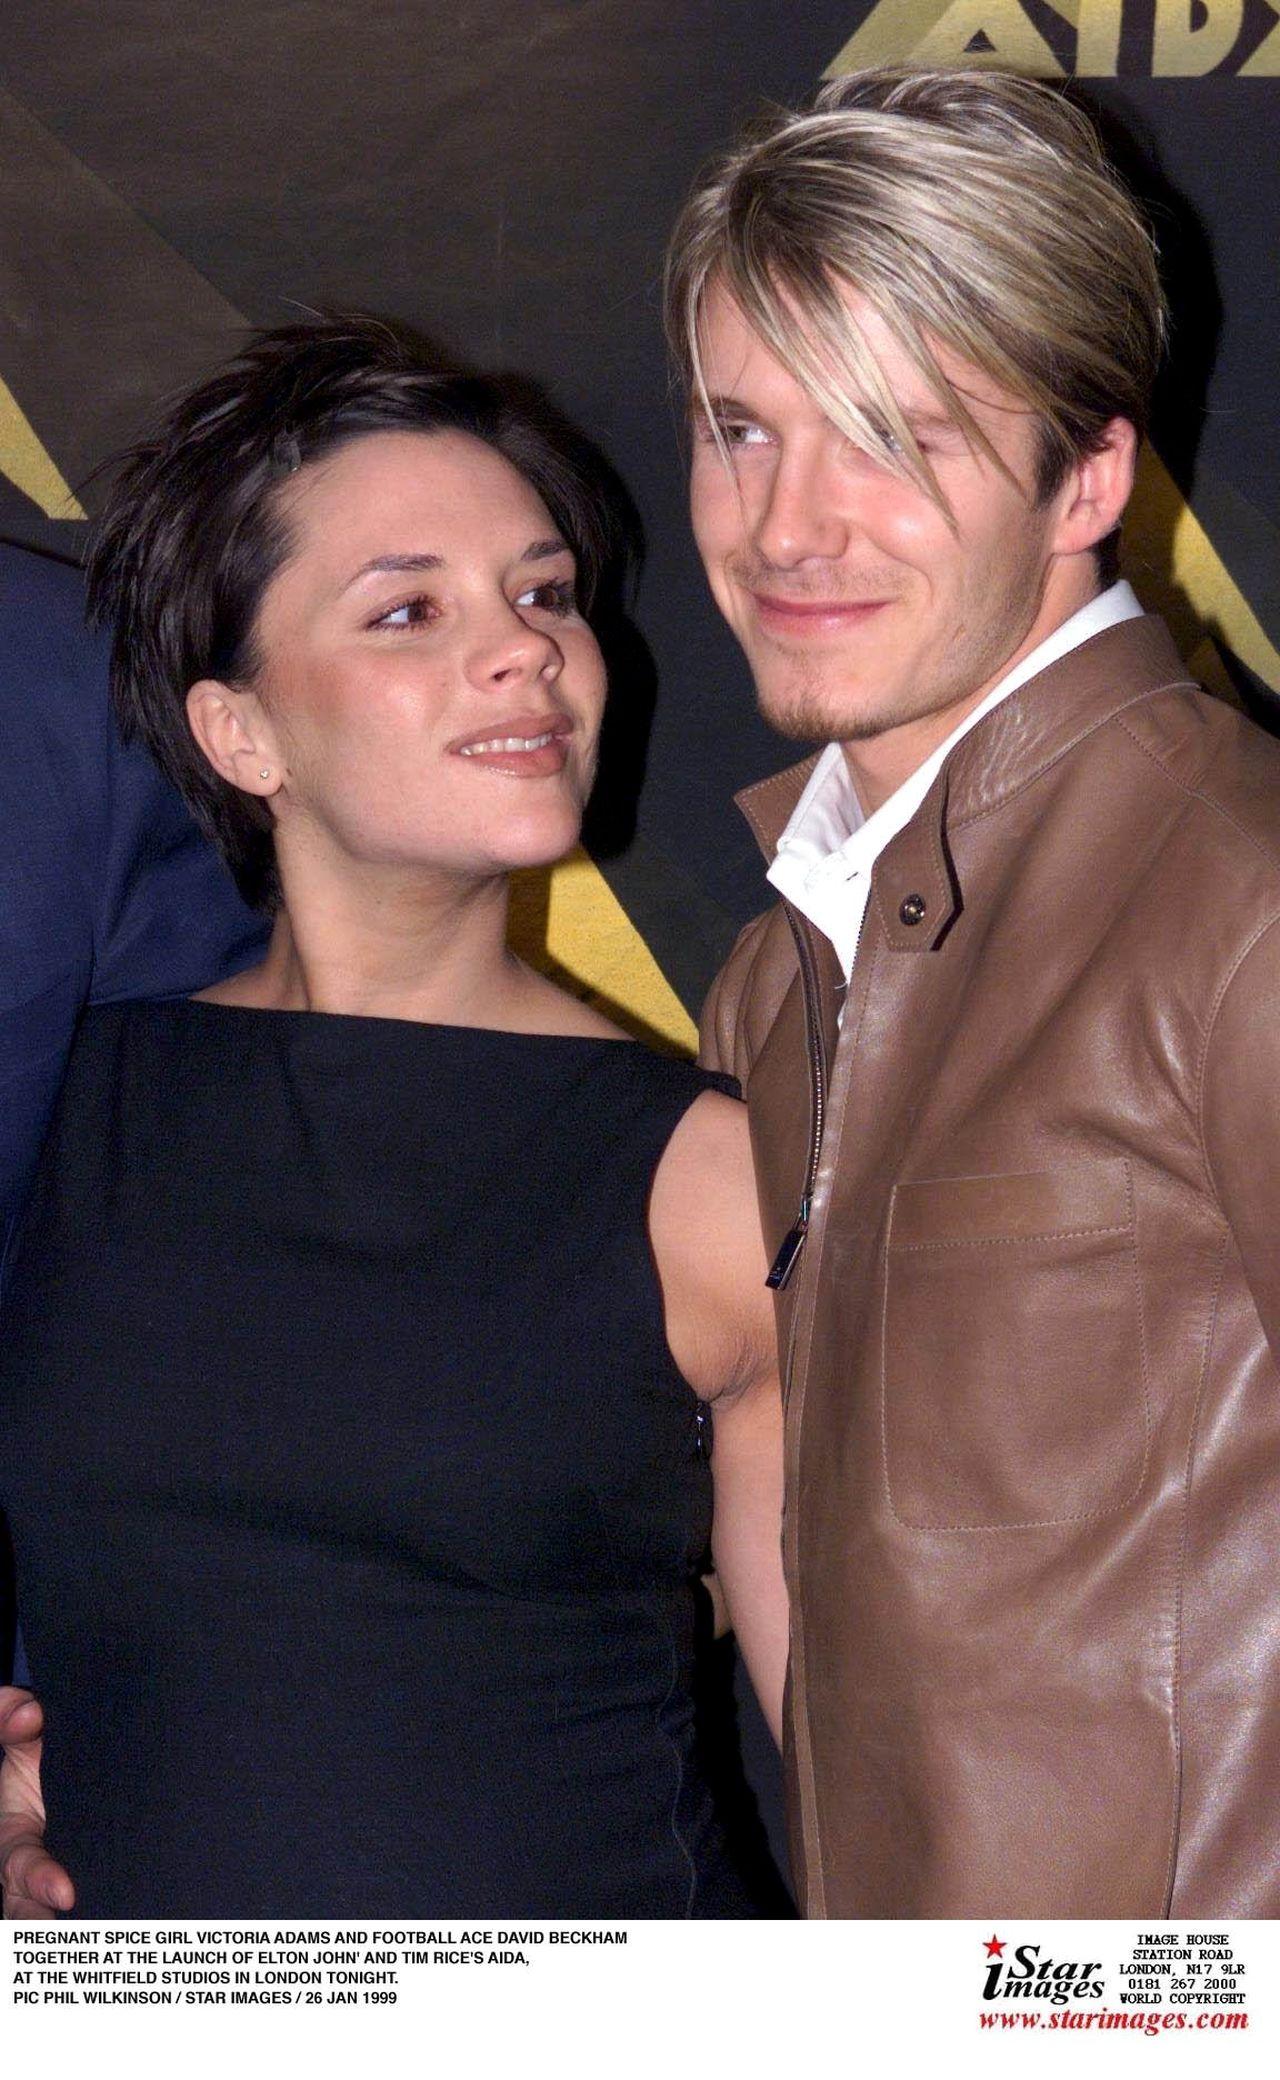 Pamiętacie, jak wyglądali Beckhamowie w dniu ślubu?